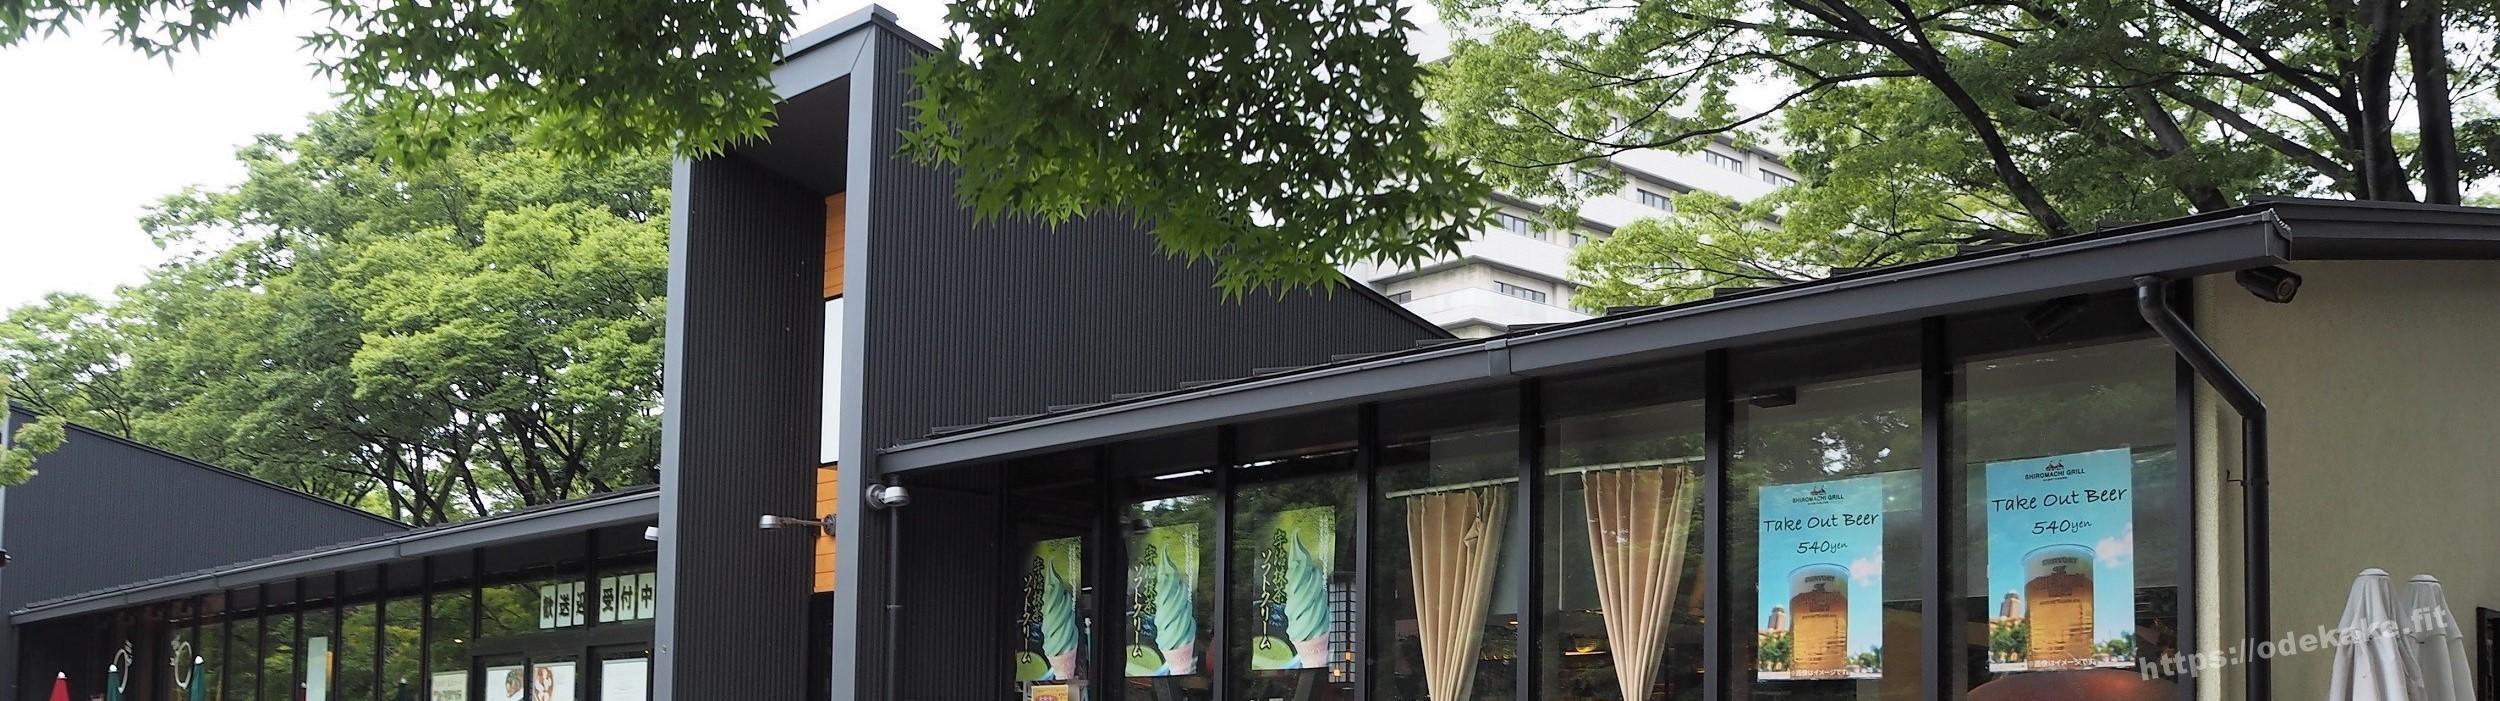 【日帰り名古屋】雨の日の金シャチ横丁の様子はこちら。閑散・・・けど穴場?